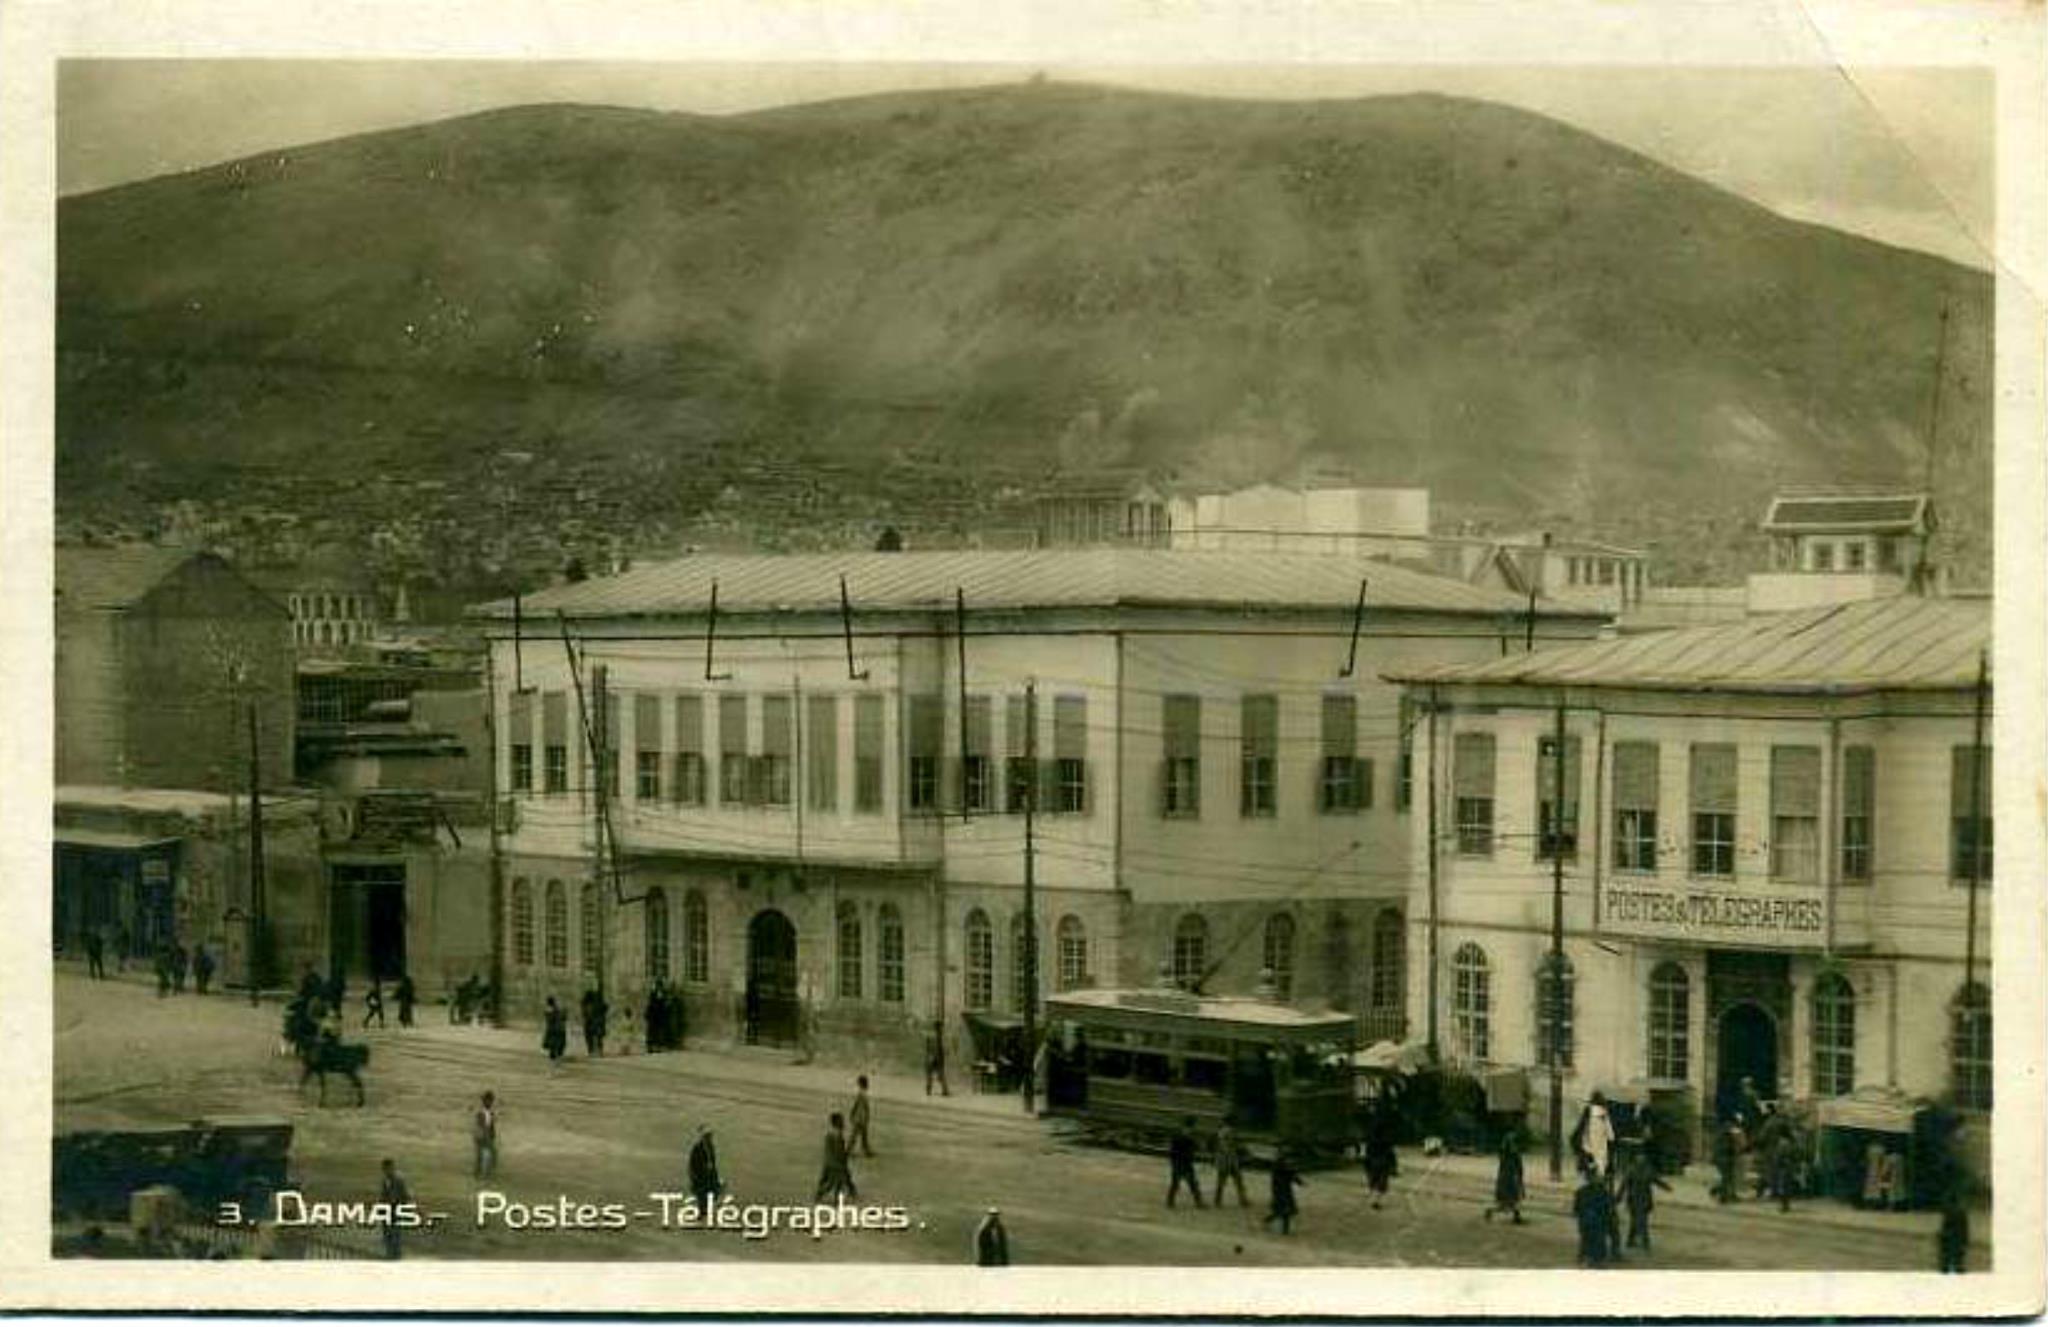 دمشق- ساحة المرجة في منتصف العشرينيات